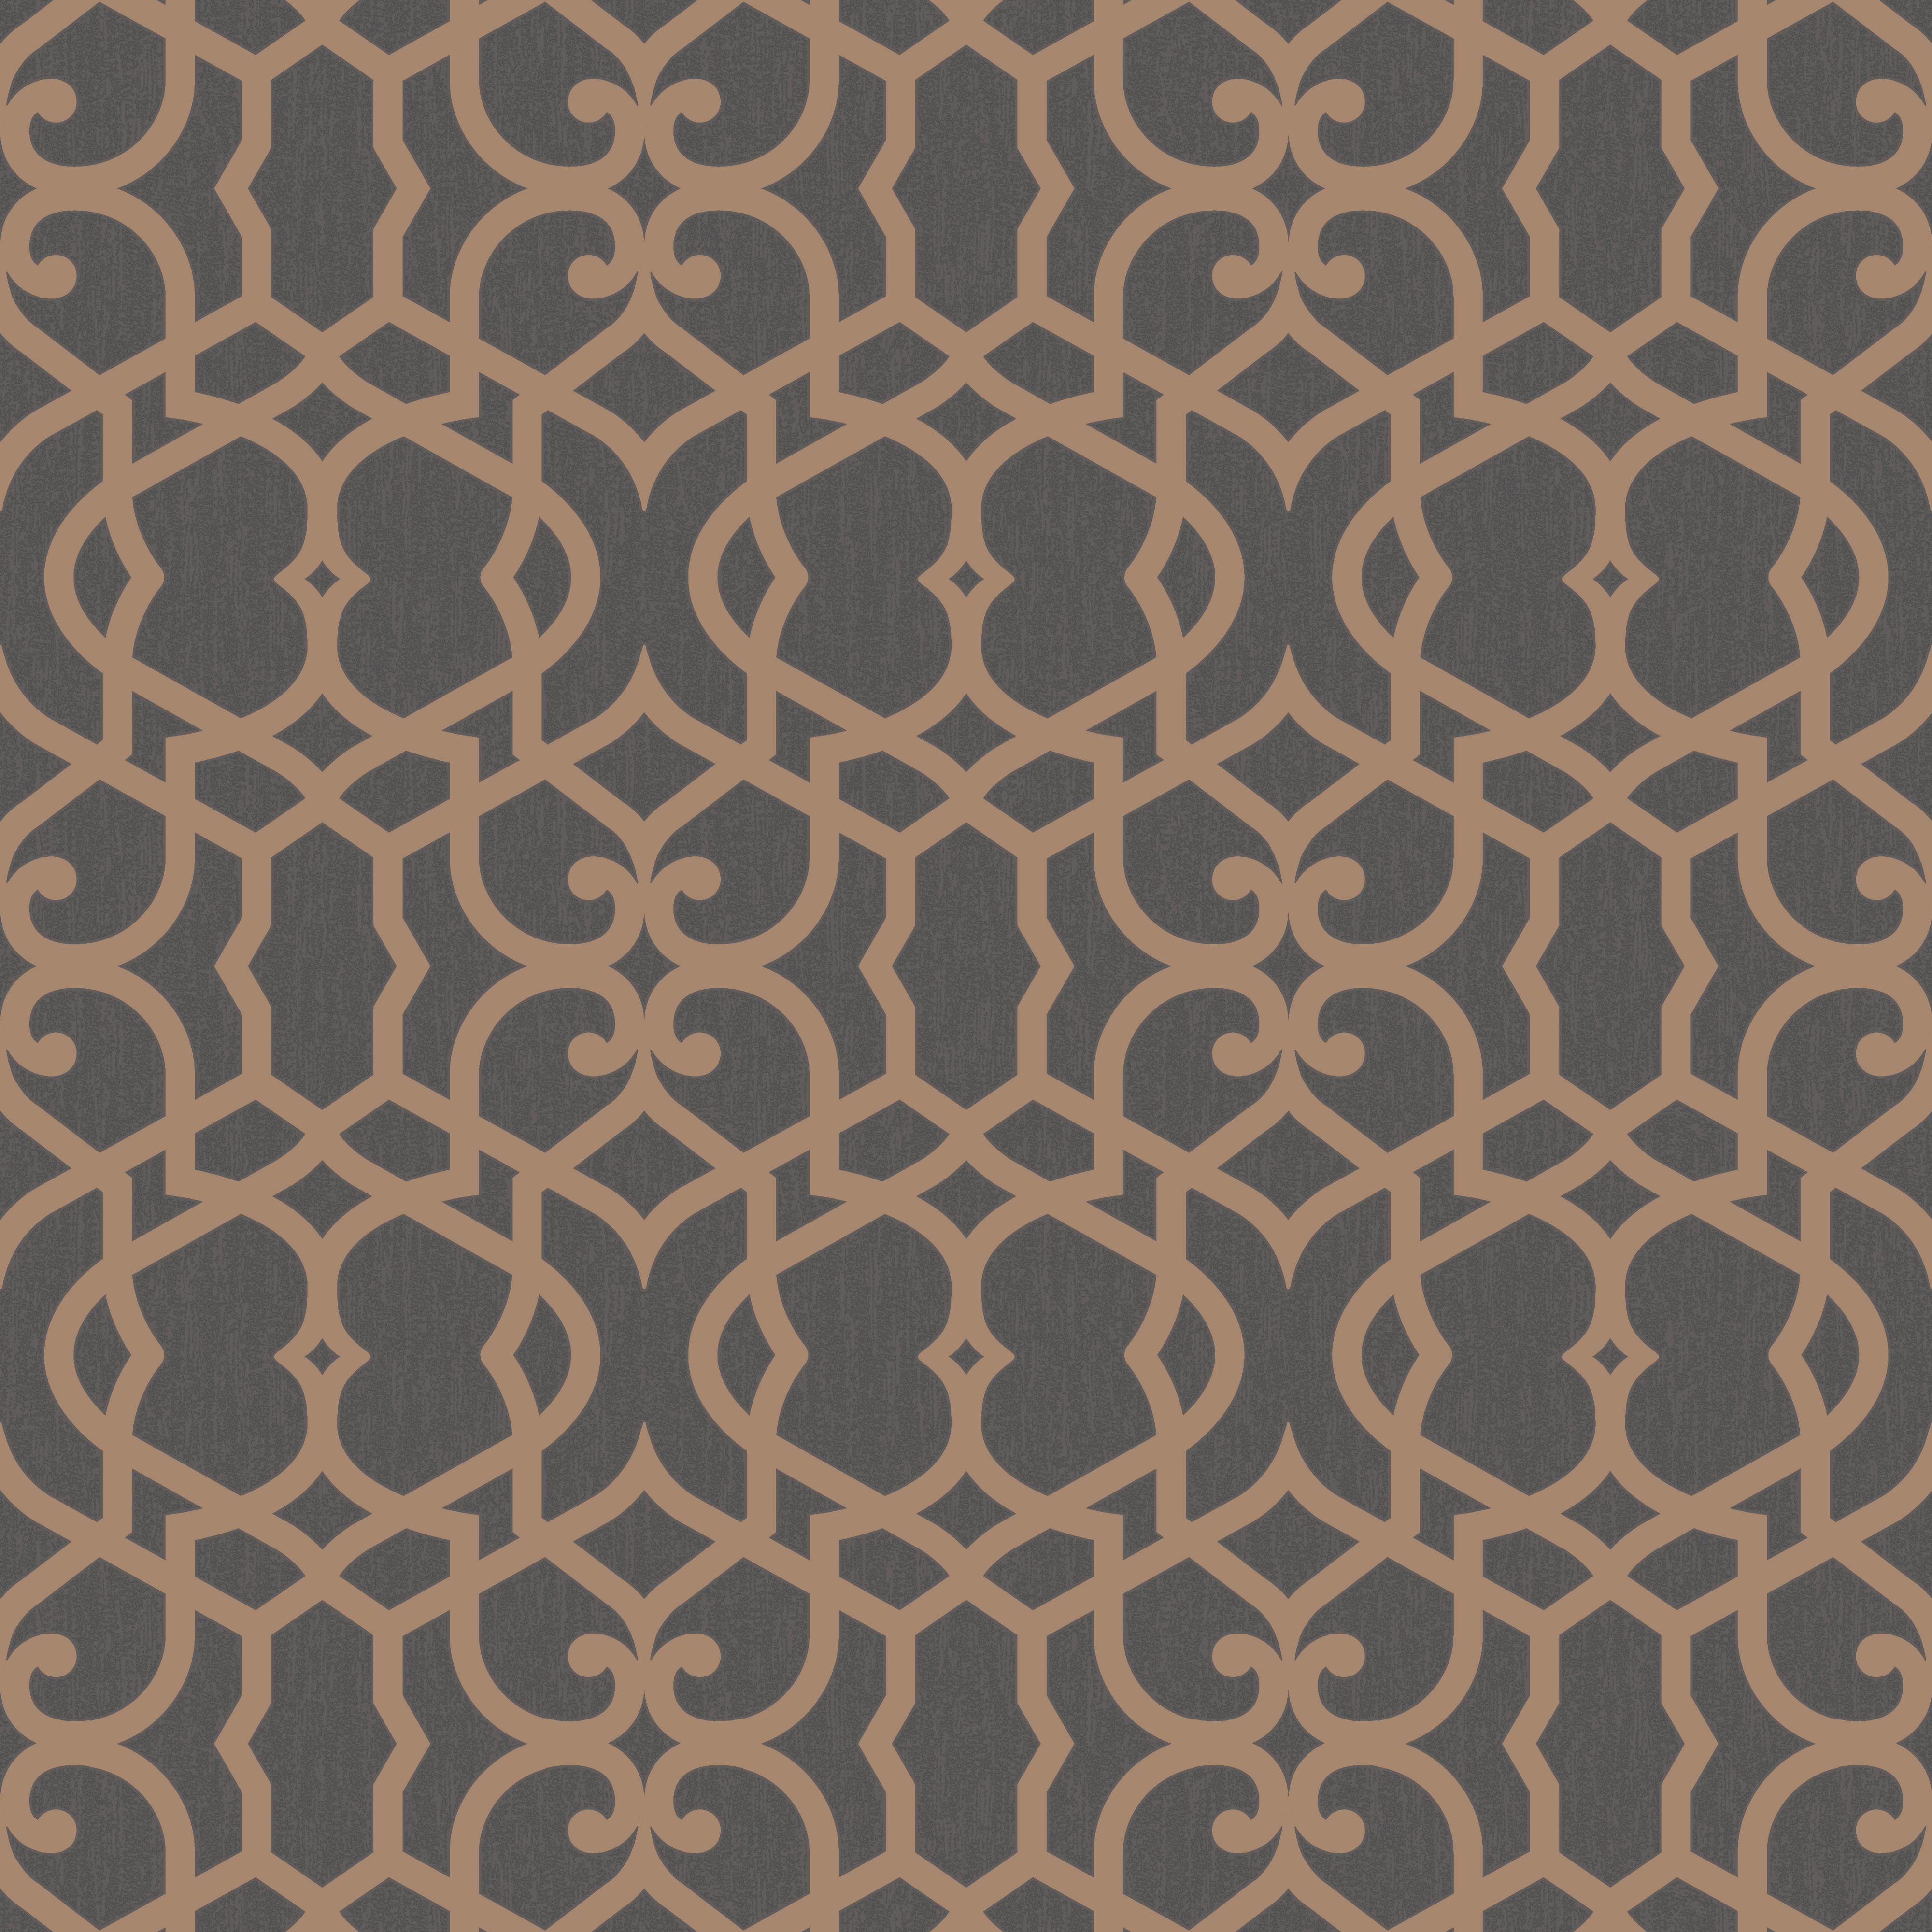 marrakech chocolate fretwork textured wallpaper